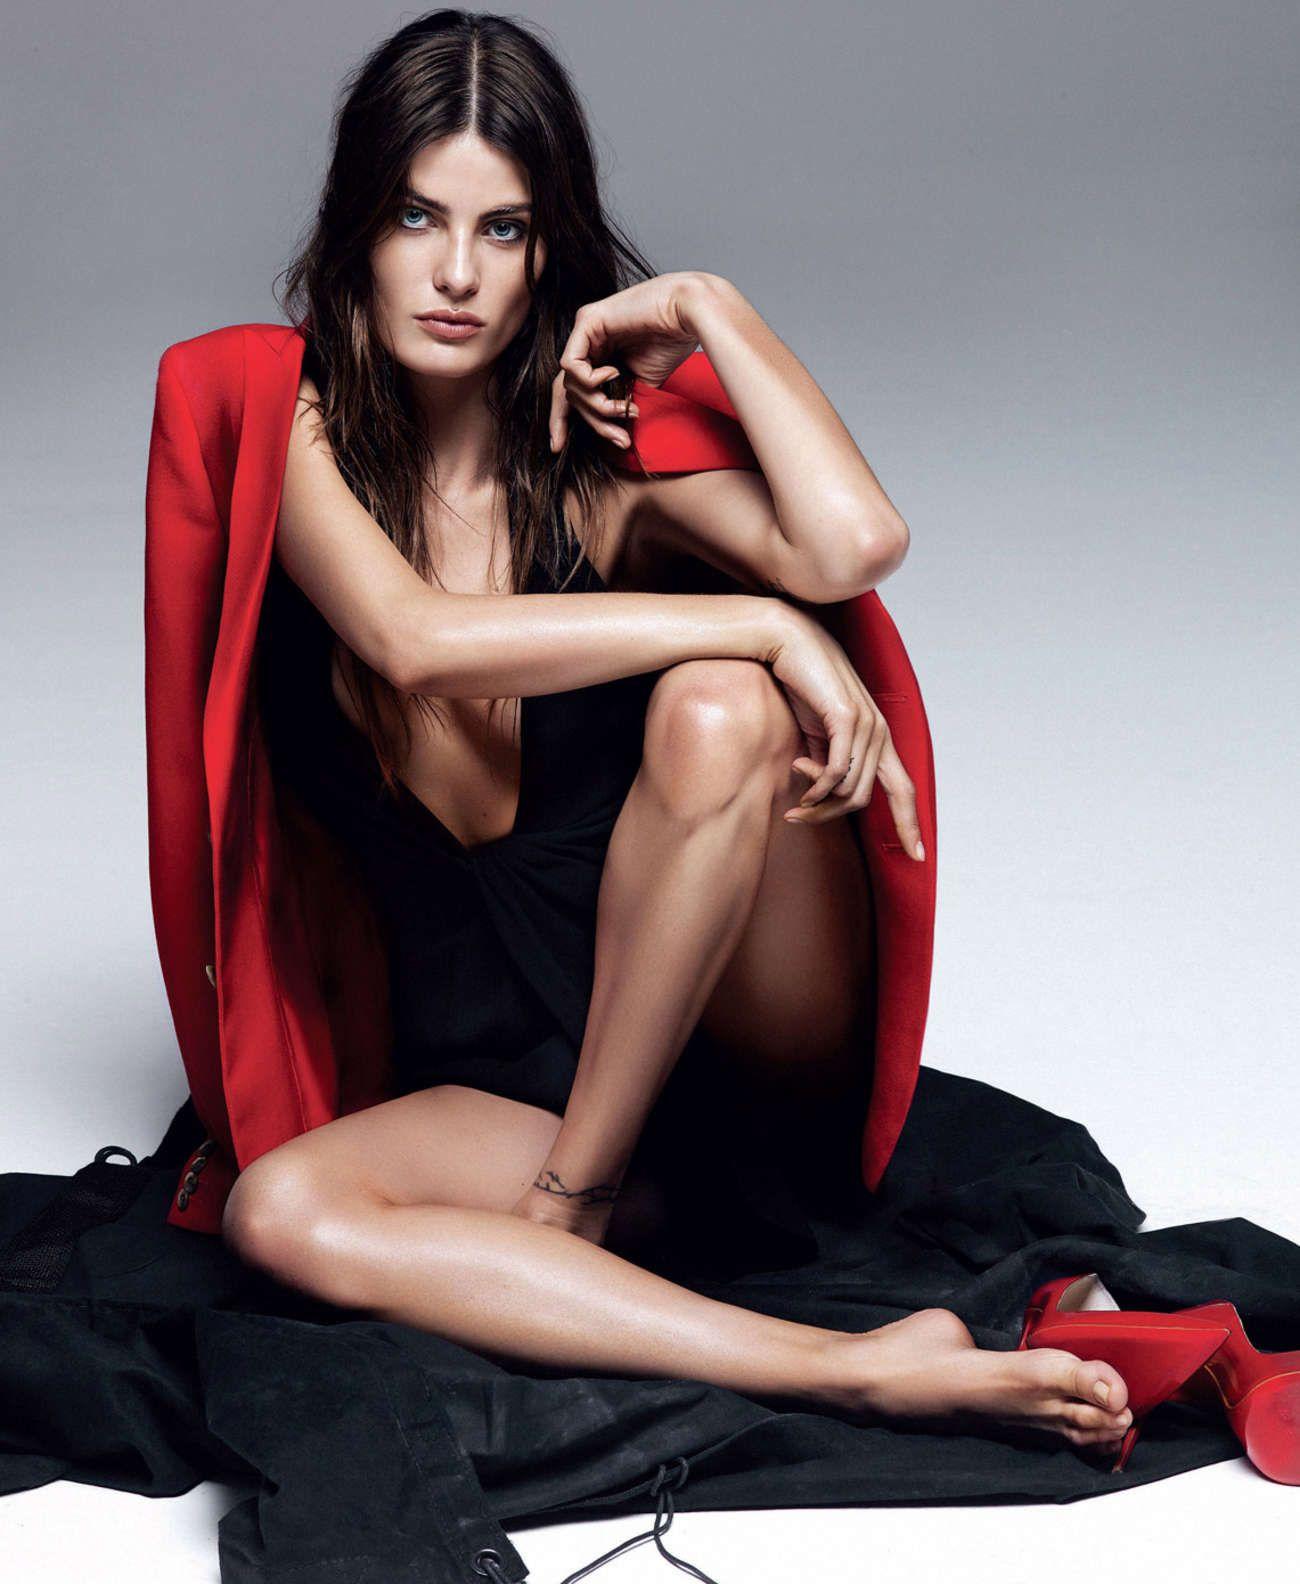 Isabeli Fontana Modelka Narodenie: 4. júla 1983 (vek 32), Curitiba, Paraná, Brazília